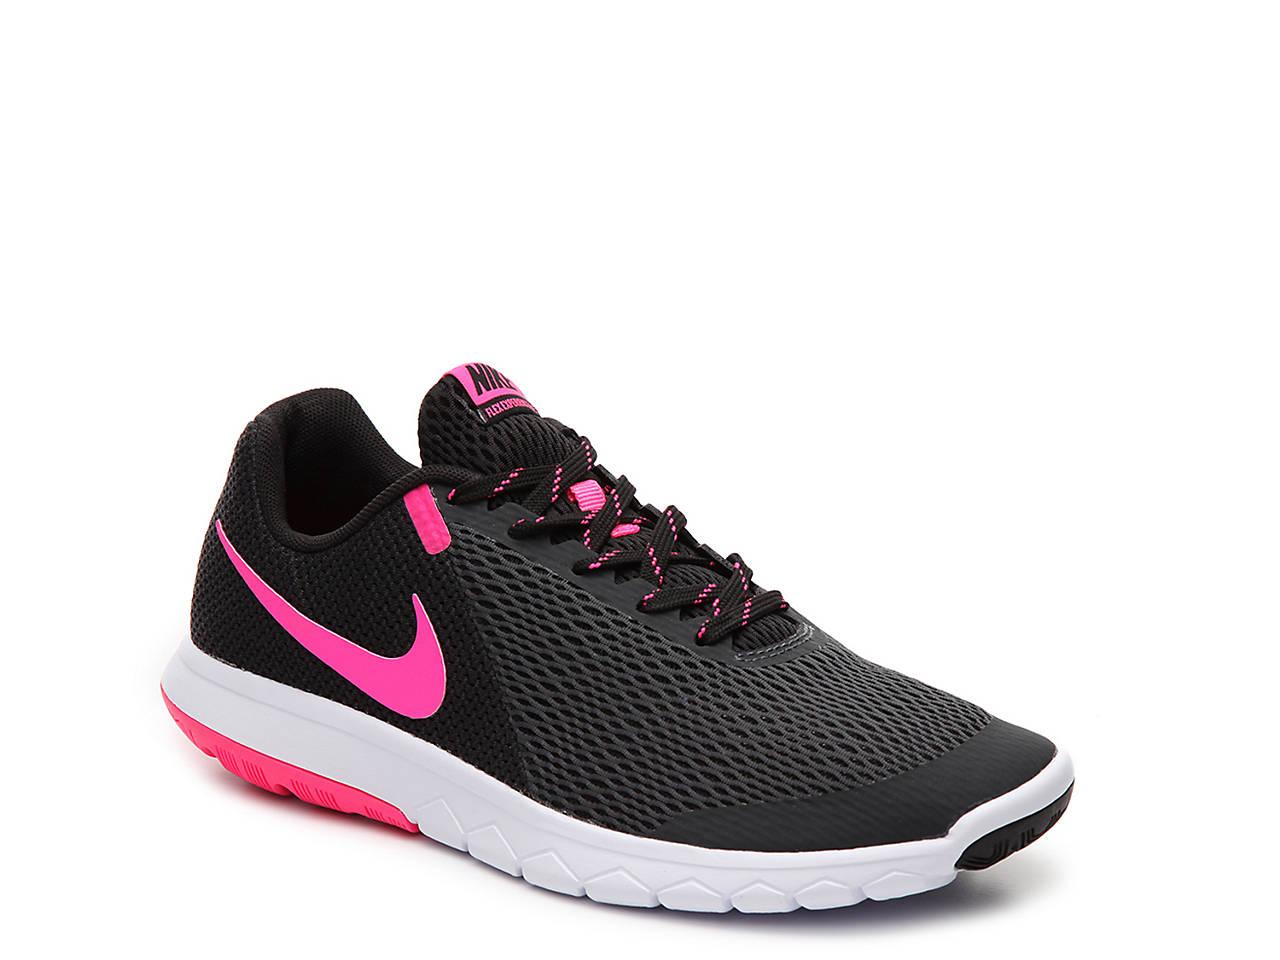 low priced a1491 1891b Nike. Flex Experience Run 5 Lightweight Running Shoe - Women s